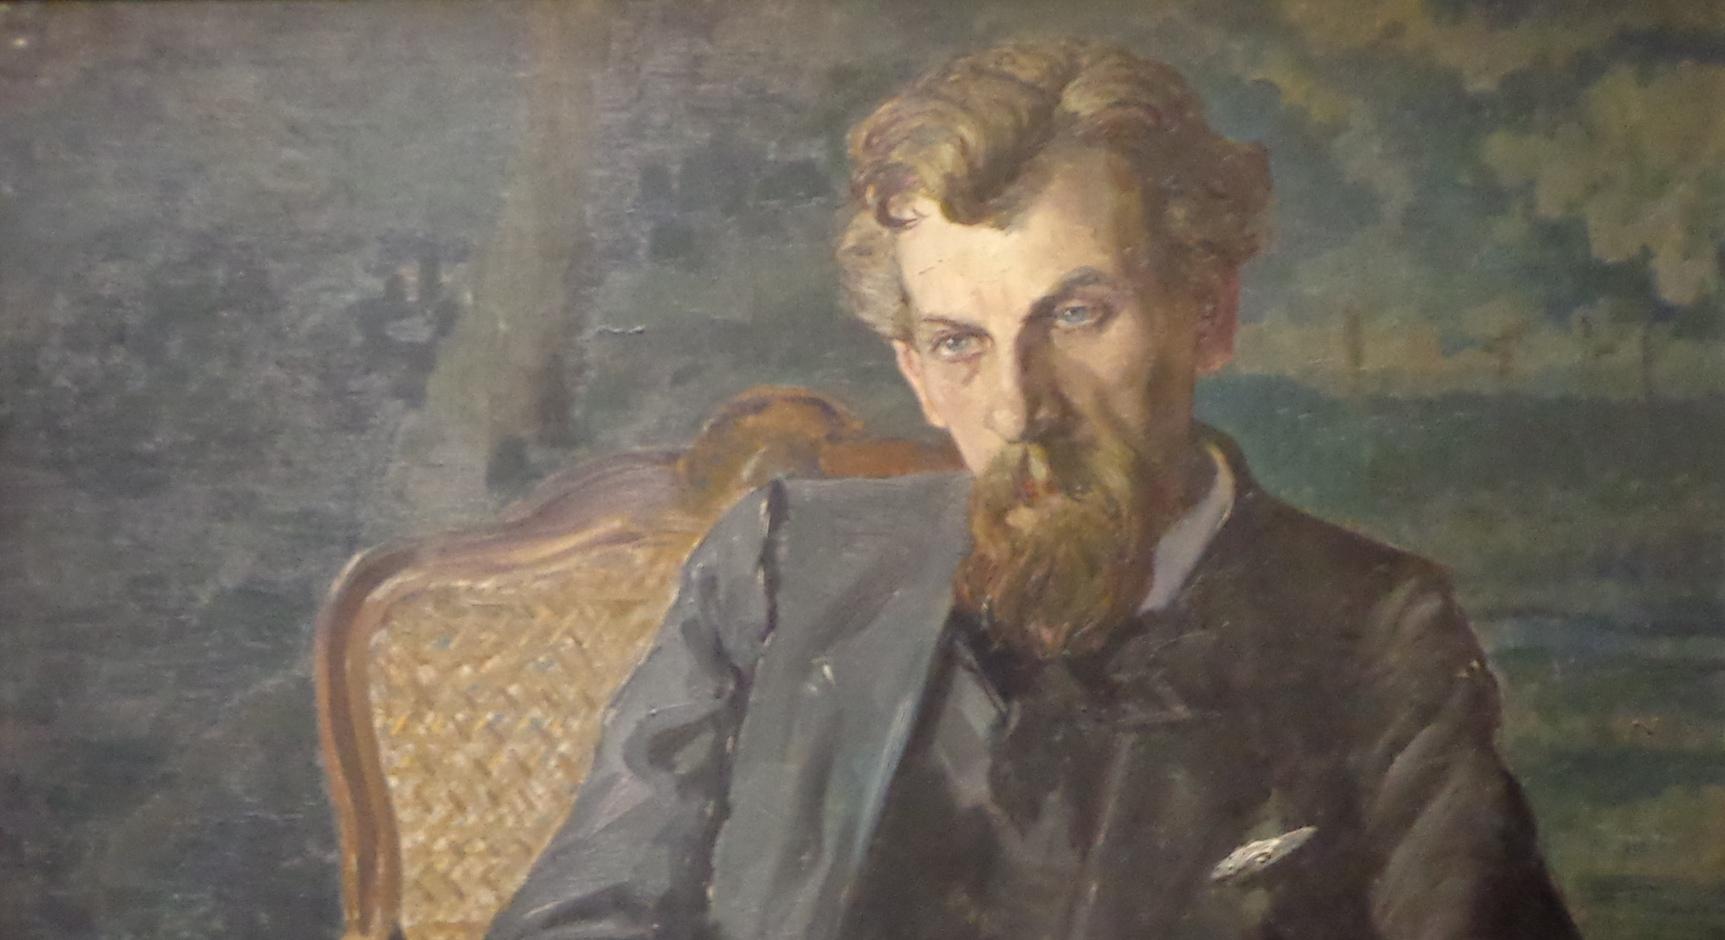 Hans PFITZNER, extrait d'un portrait fait par Lothar von SEEBACH en 1910, voir https://commons.wikimedia.org/wiki/File:Hans_Pfitzner_par_Lothar_von_Seebach_(1).JPG pour l'original